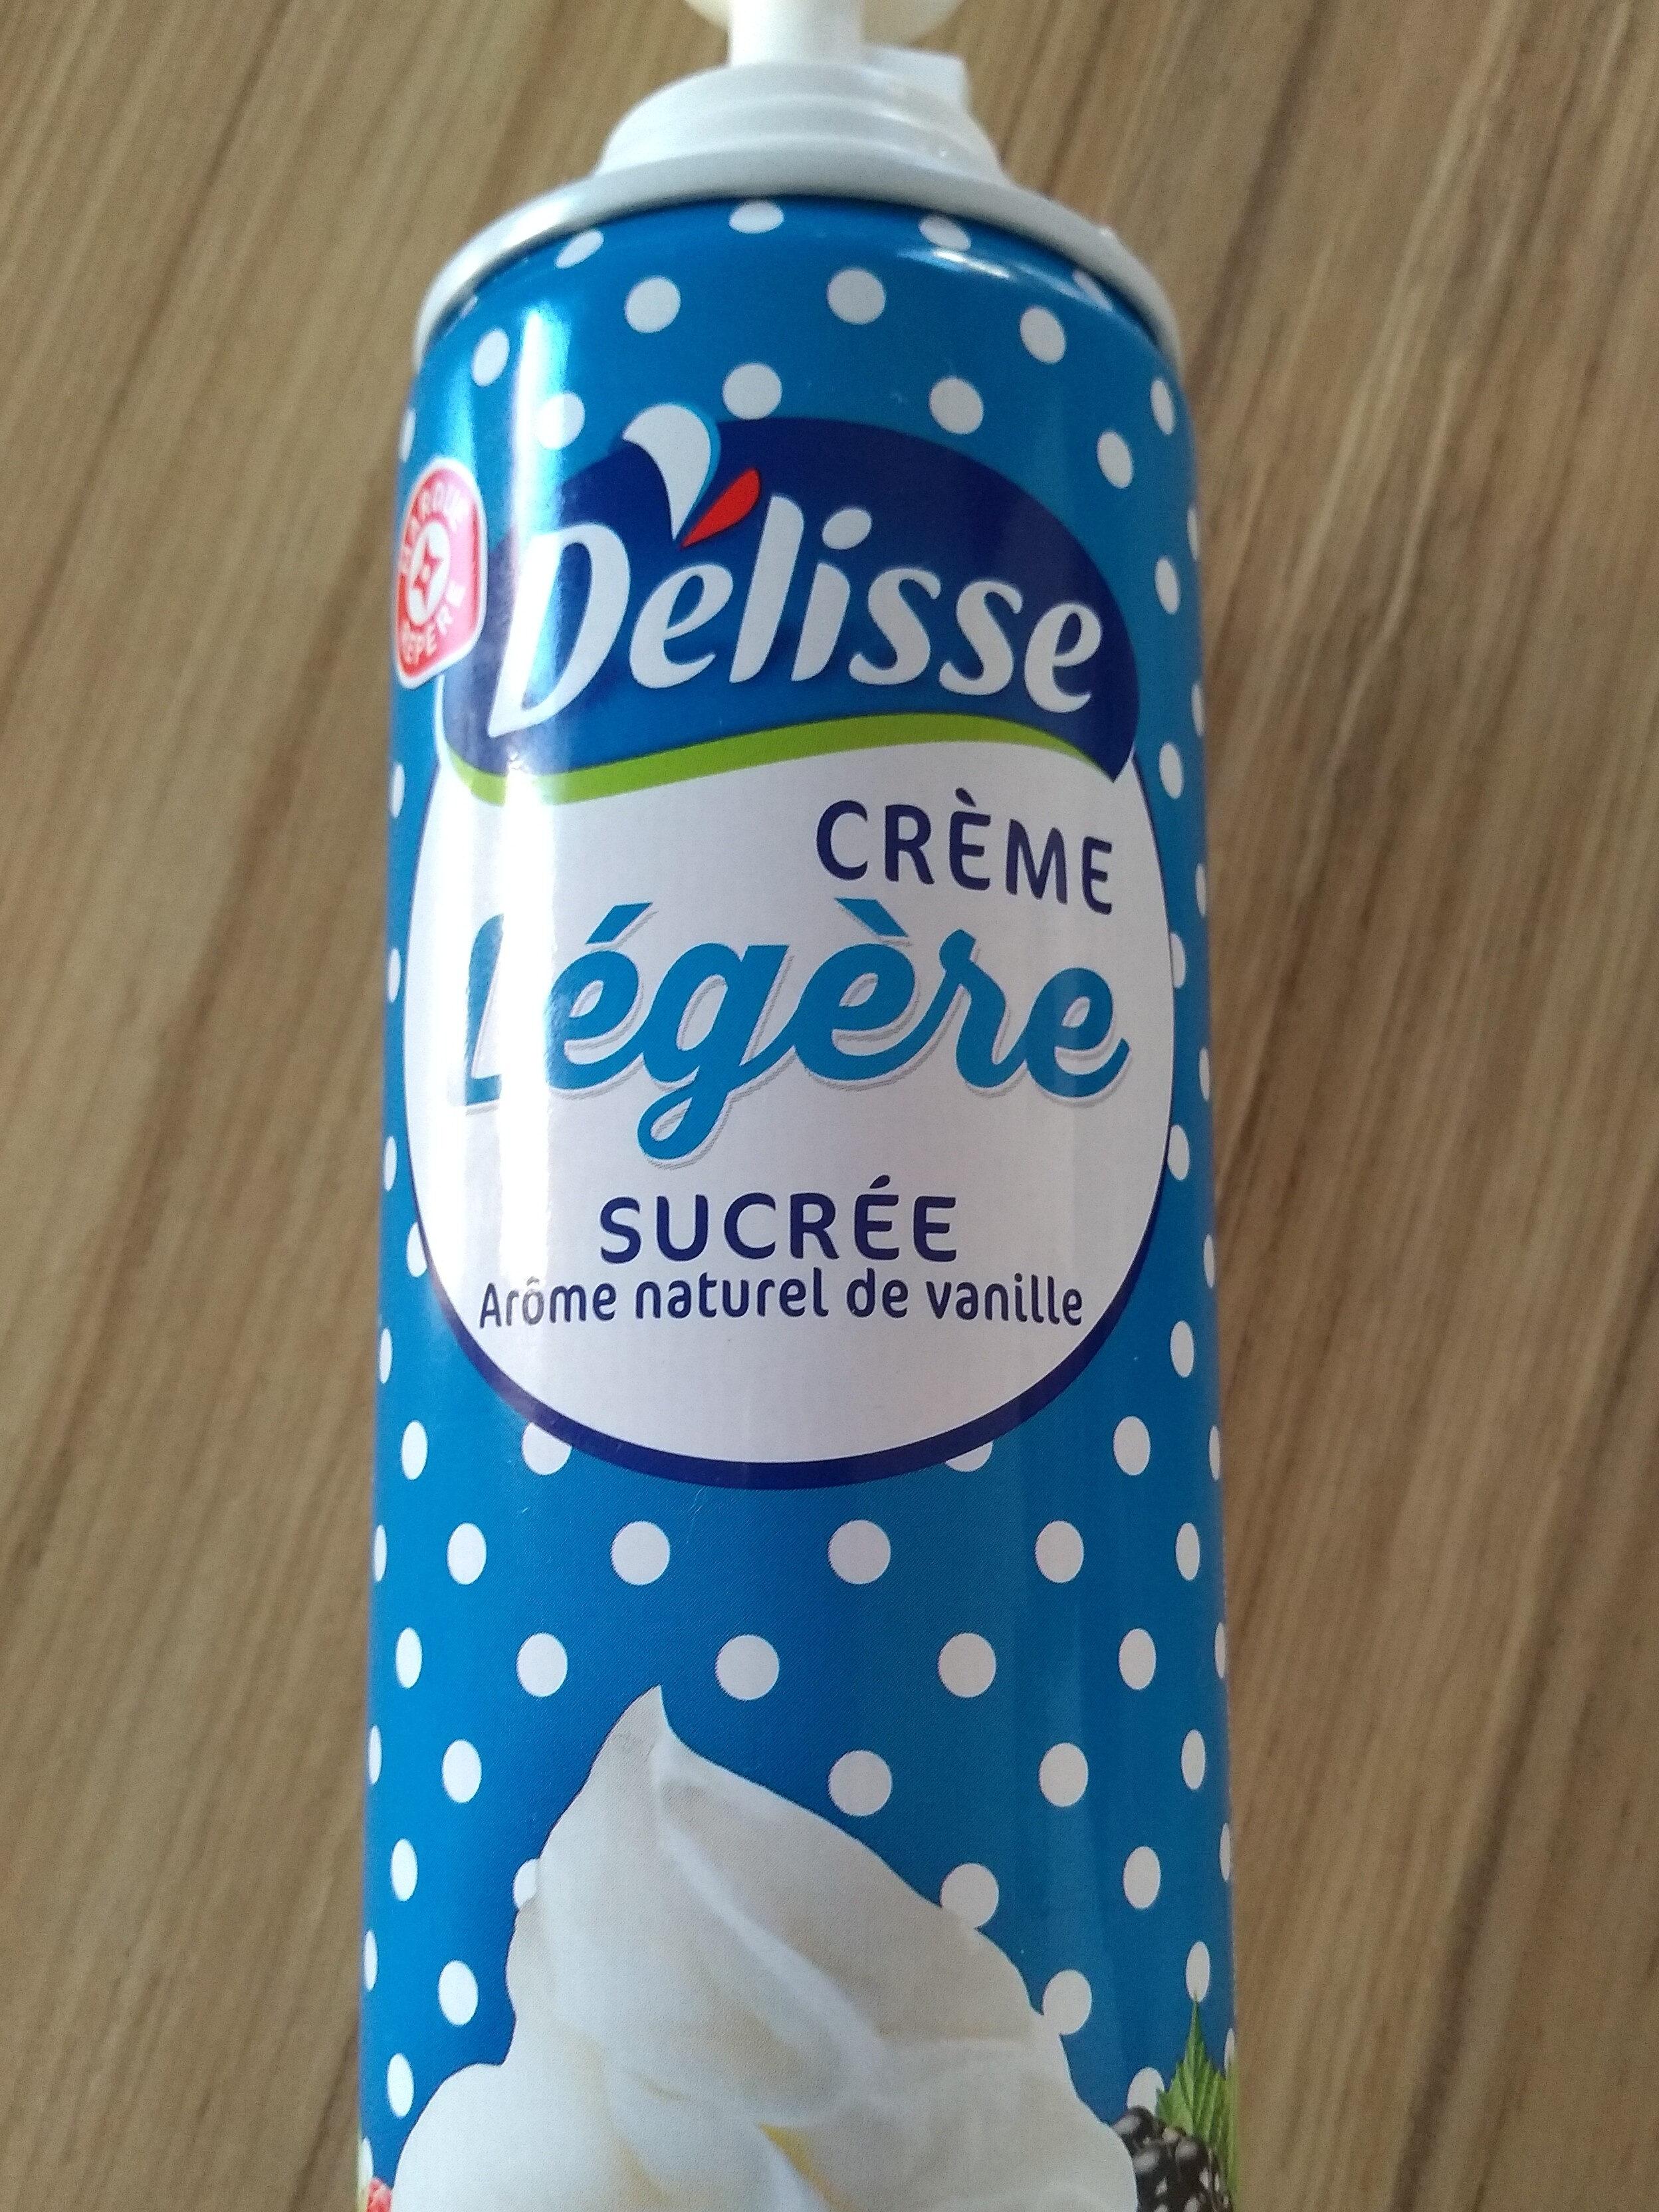 crème légère sucrée arôme naturel vanille - Product